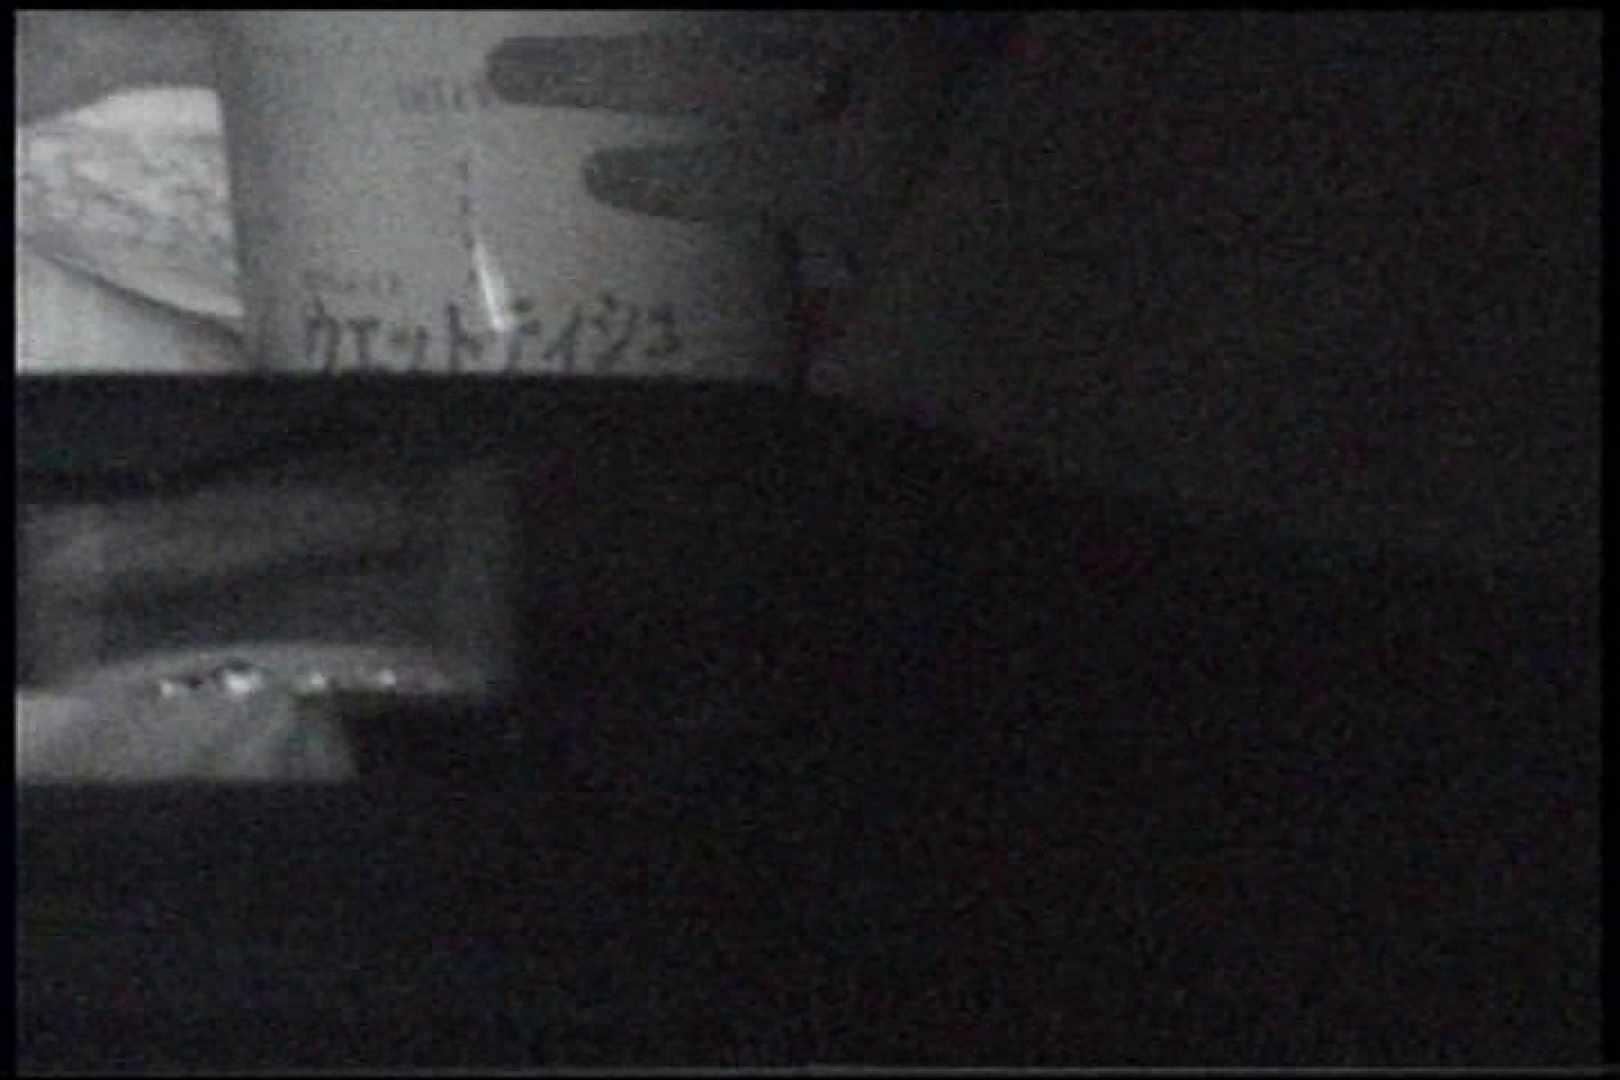 充血監督の深夜の運動会Vol.238 OLセックス | プライベート  60画像 47